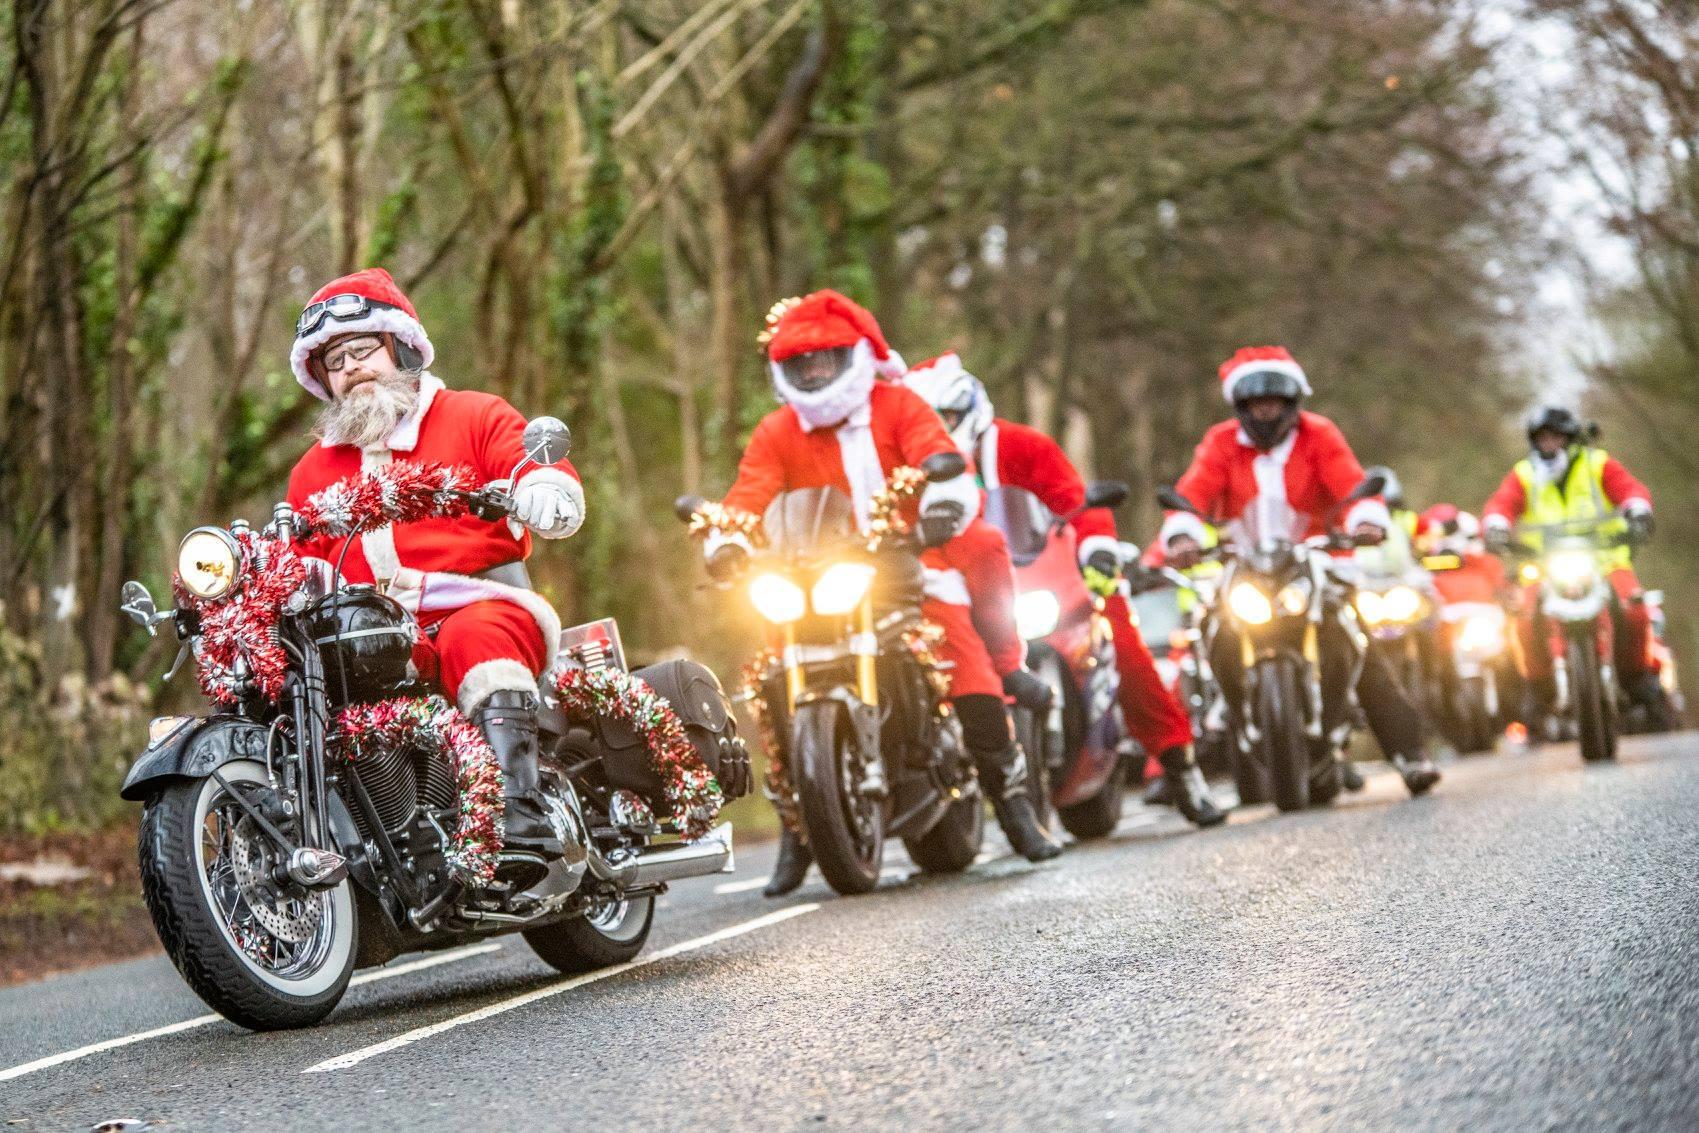 Коледна мото обиколка с благородна кауза ще се състои днес в Добрич